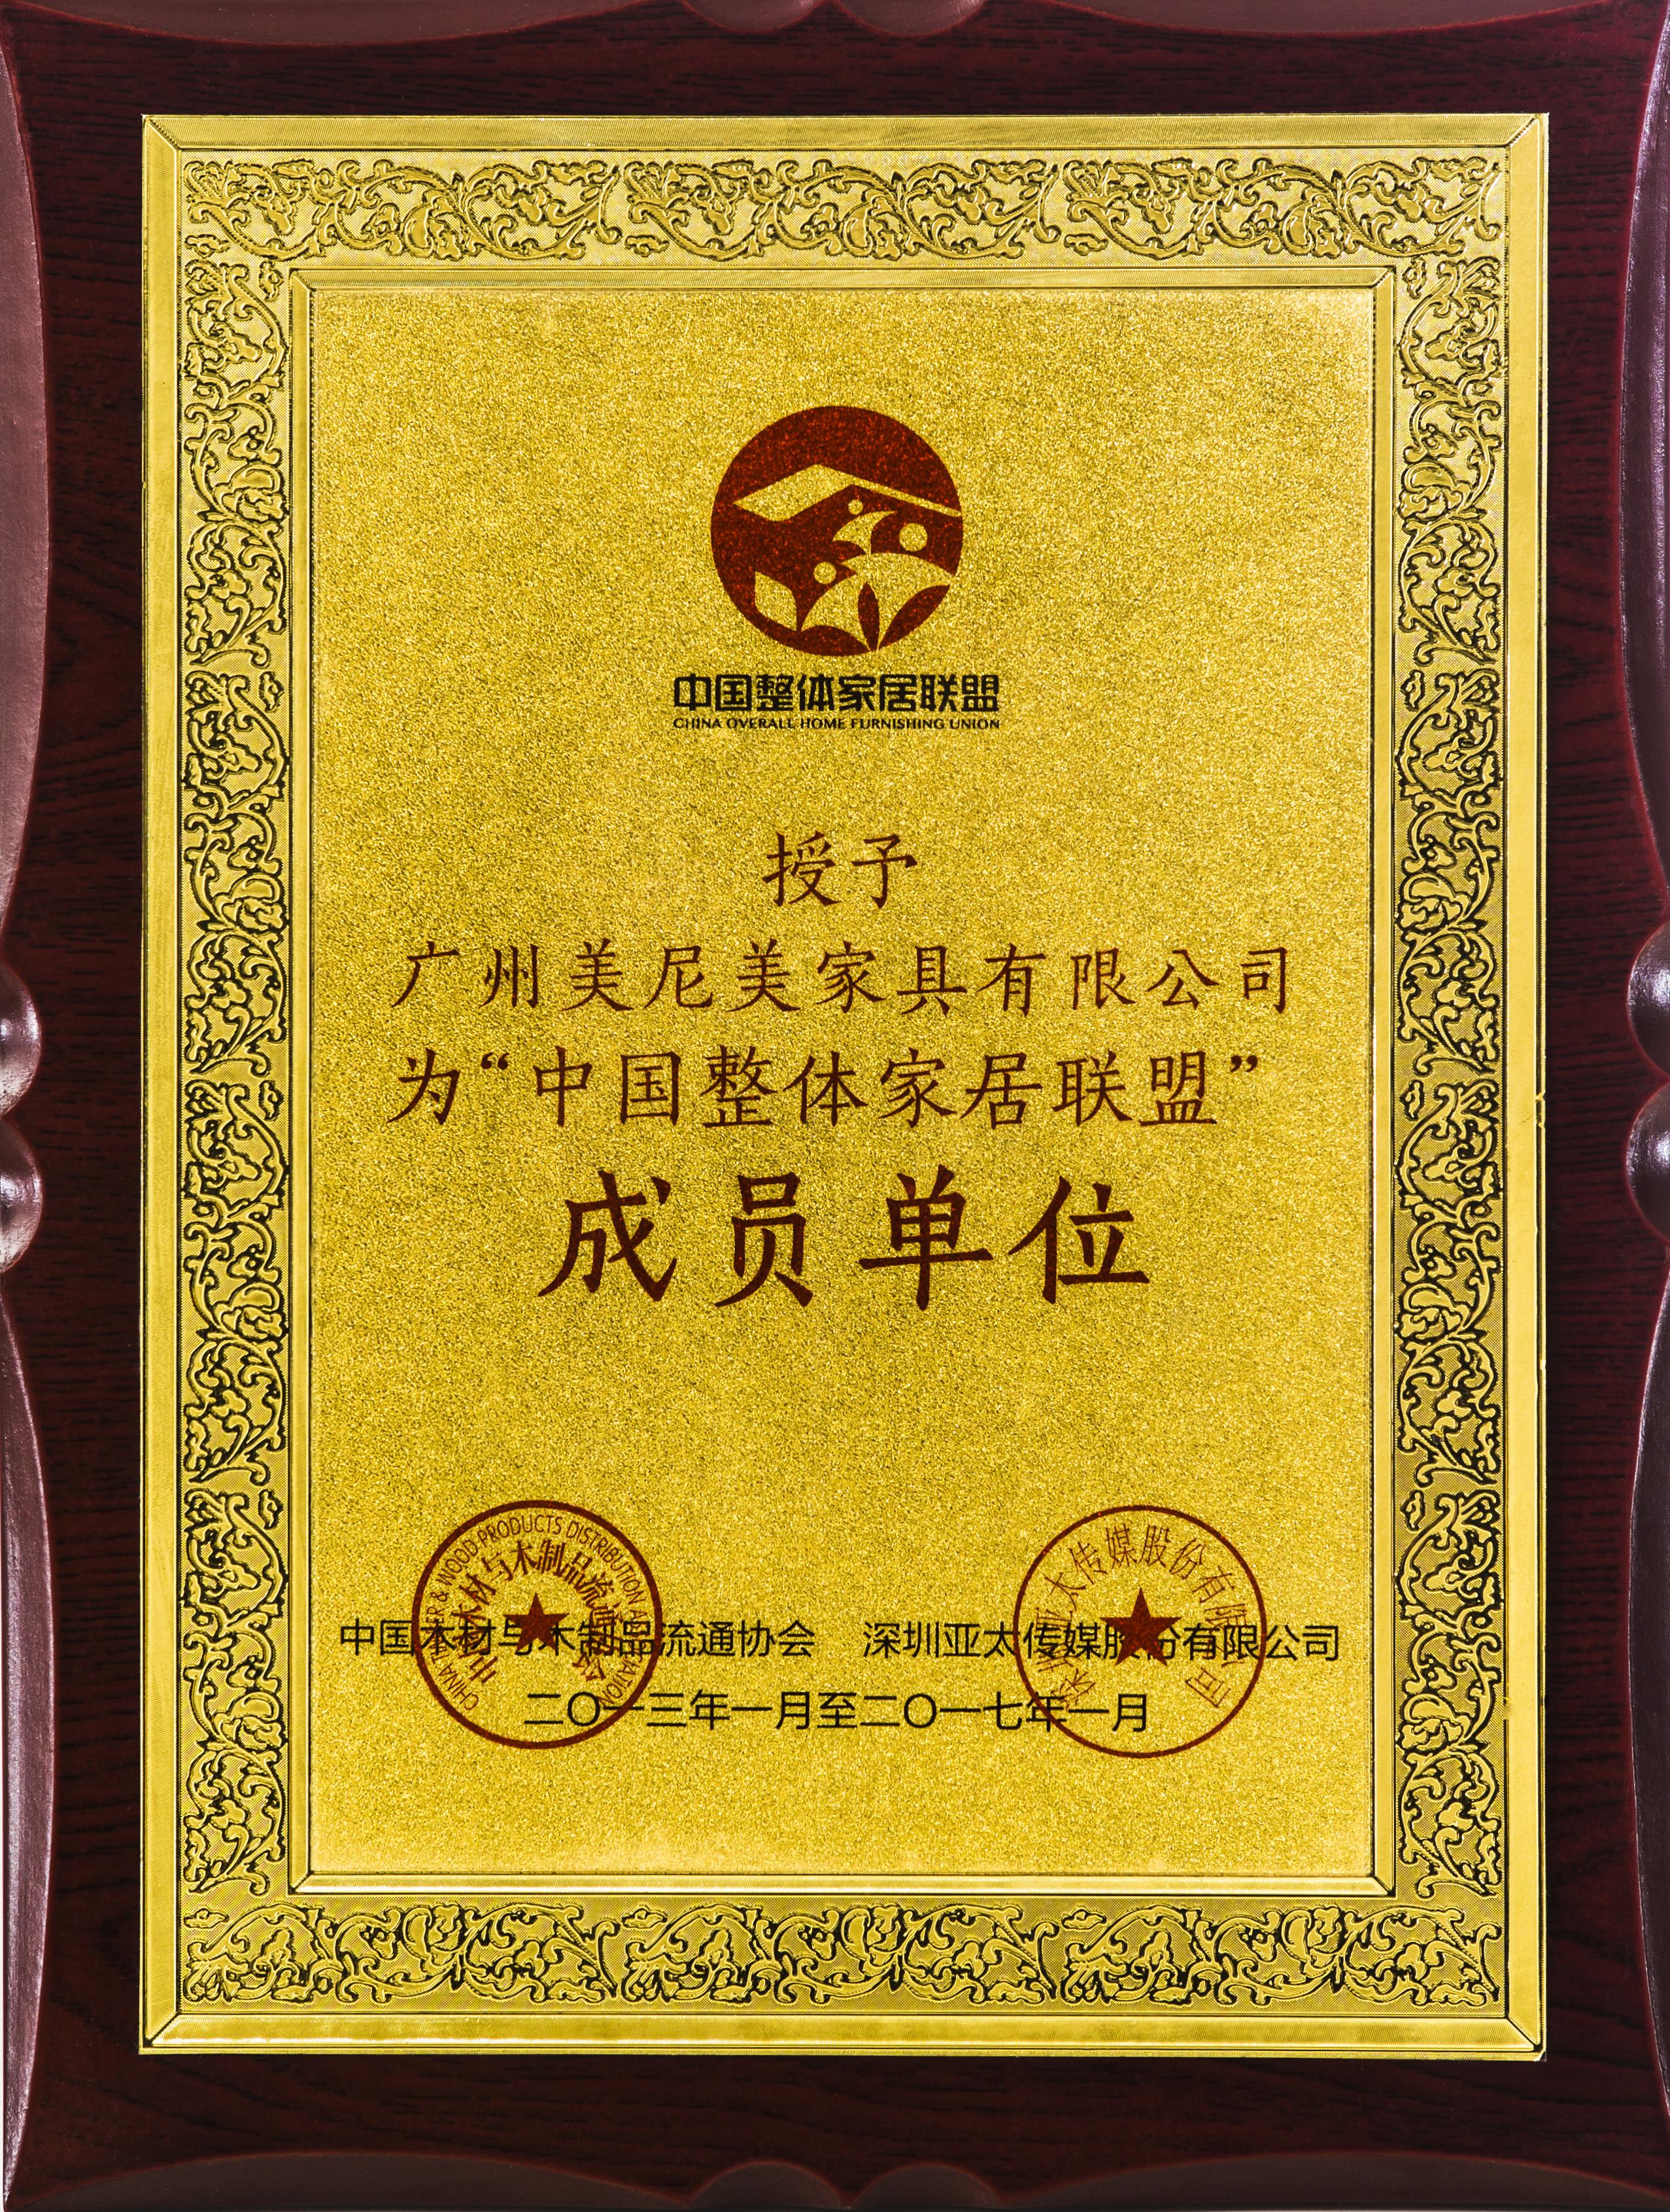 中国整体家居联盟成员单位